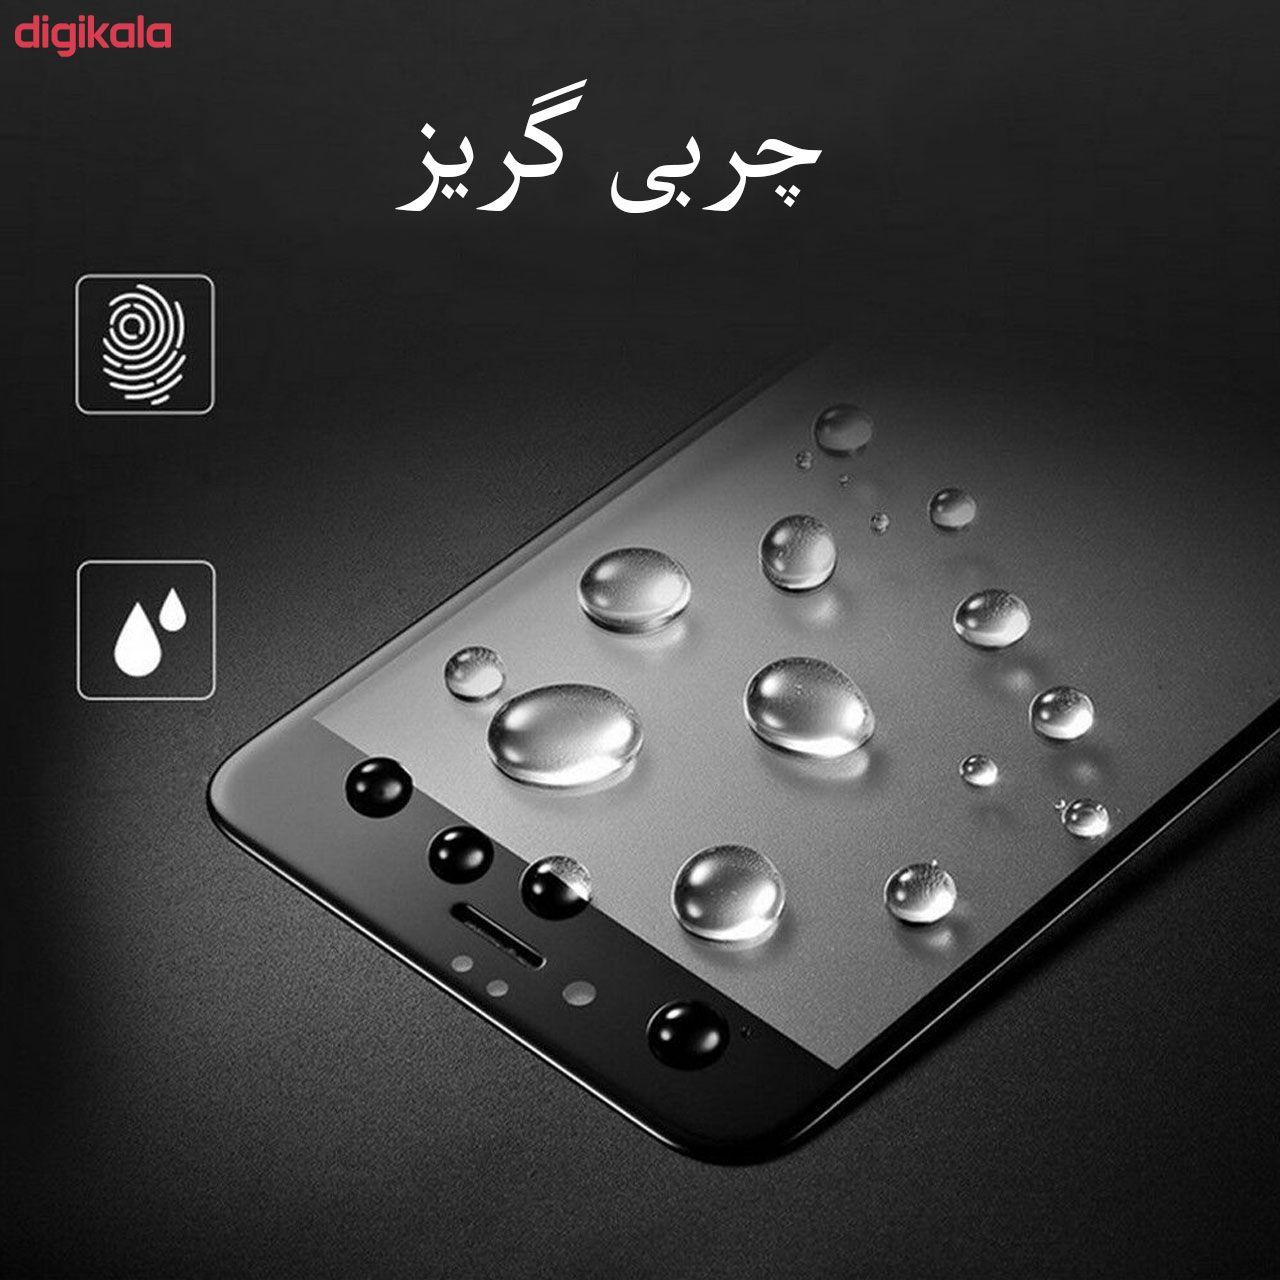 محافظ صفحه نمایش مدل FCG مناسب برای گوشی موبایل اپل iPhone 7 Plus main 1 4